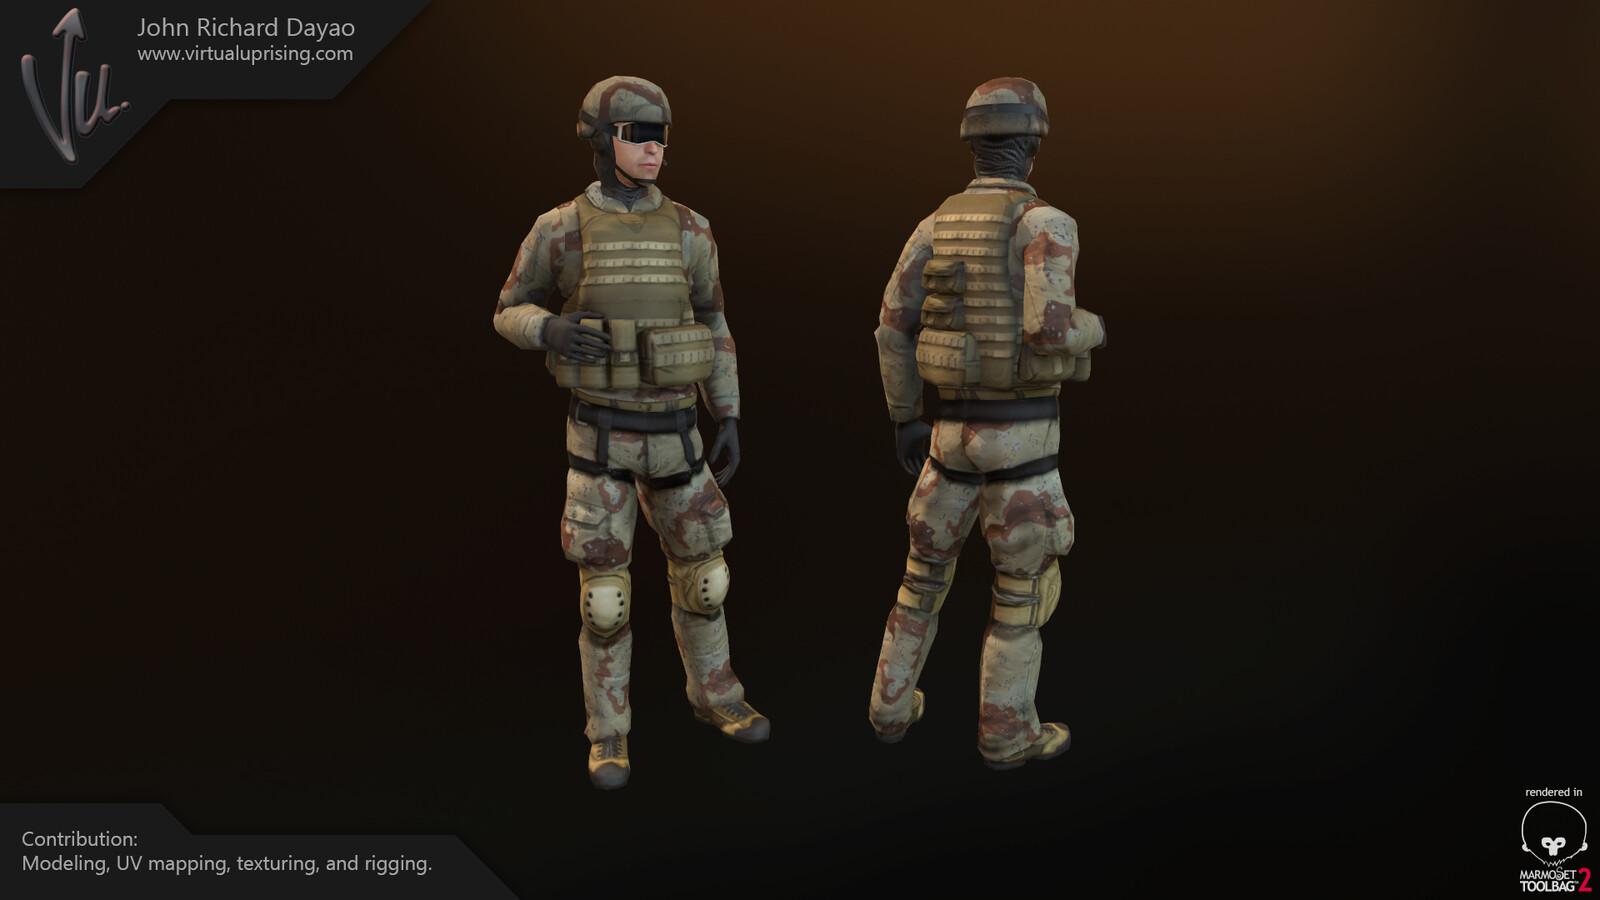 Airforce Infantryman